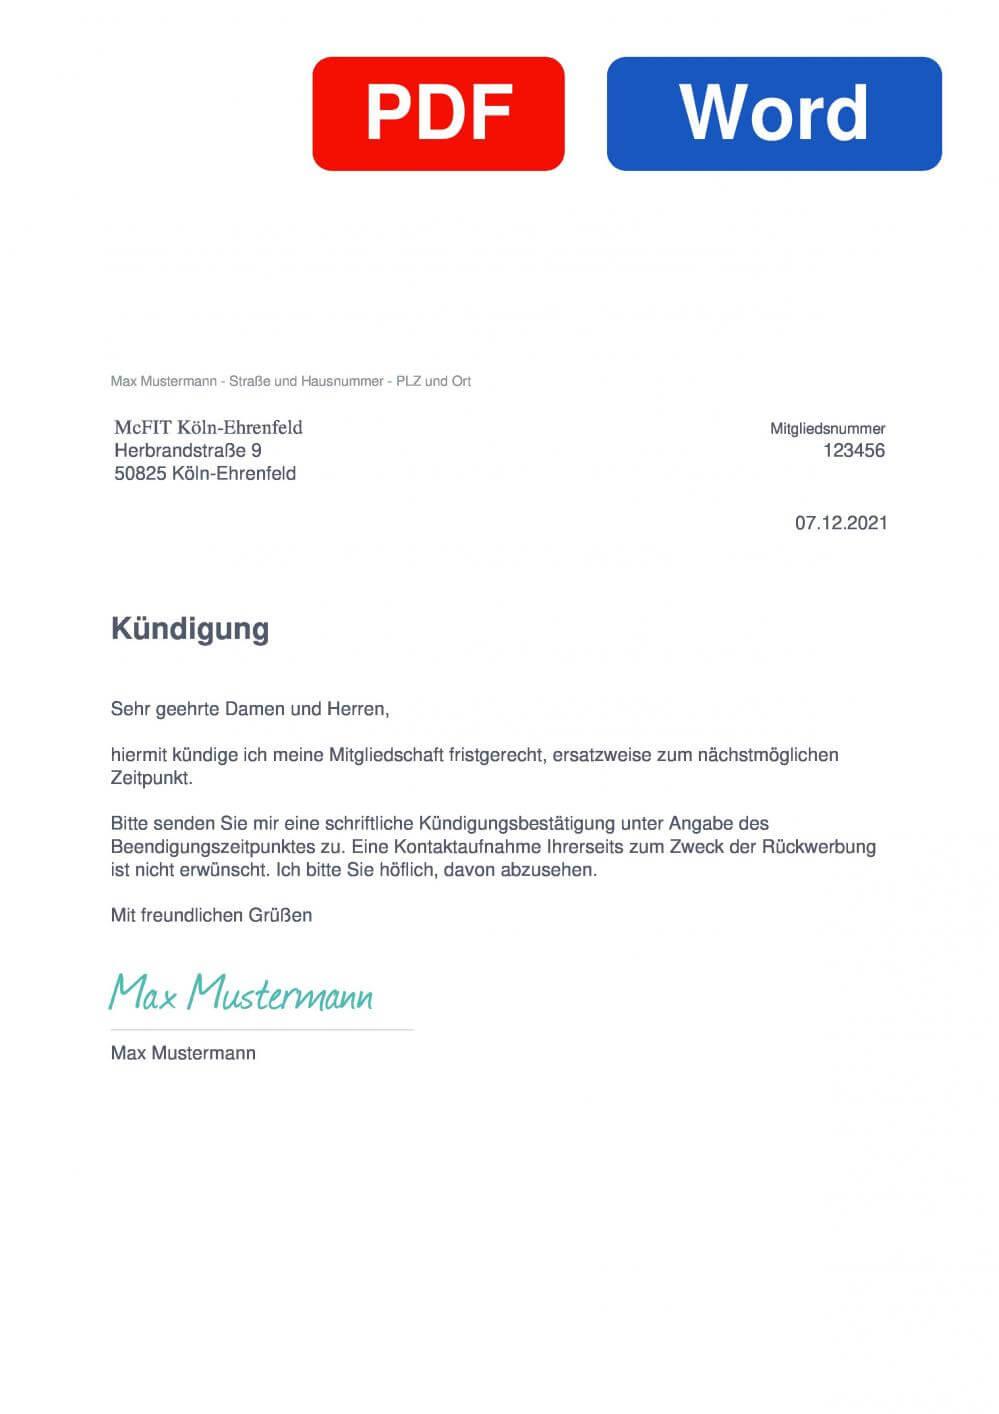 McFIT Köln-Ehrenfeld Muster Vorlage für Kündigungsschreiben